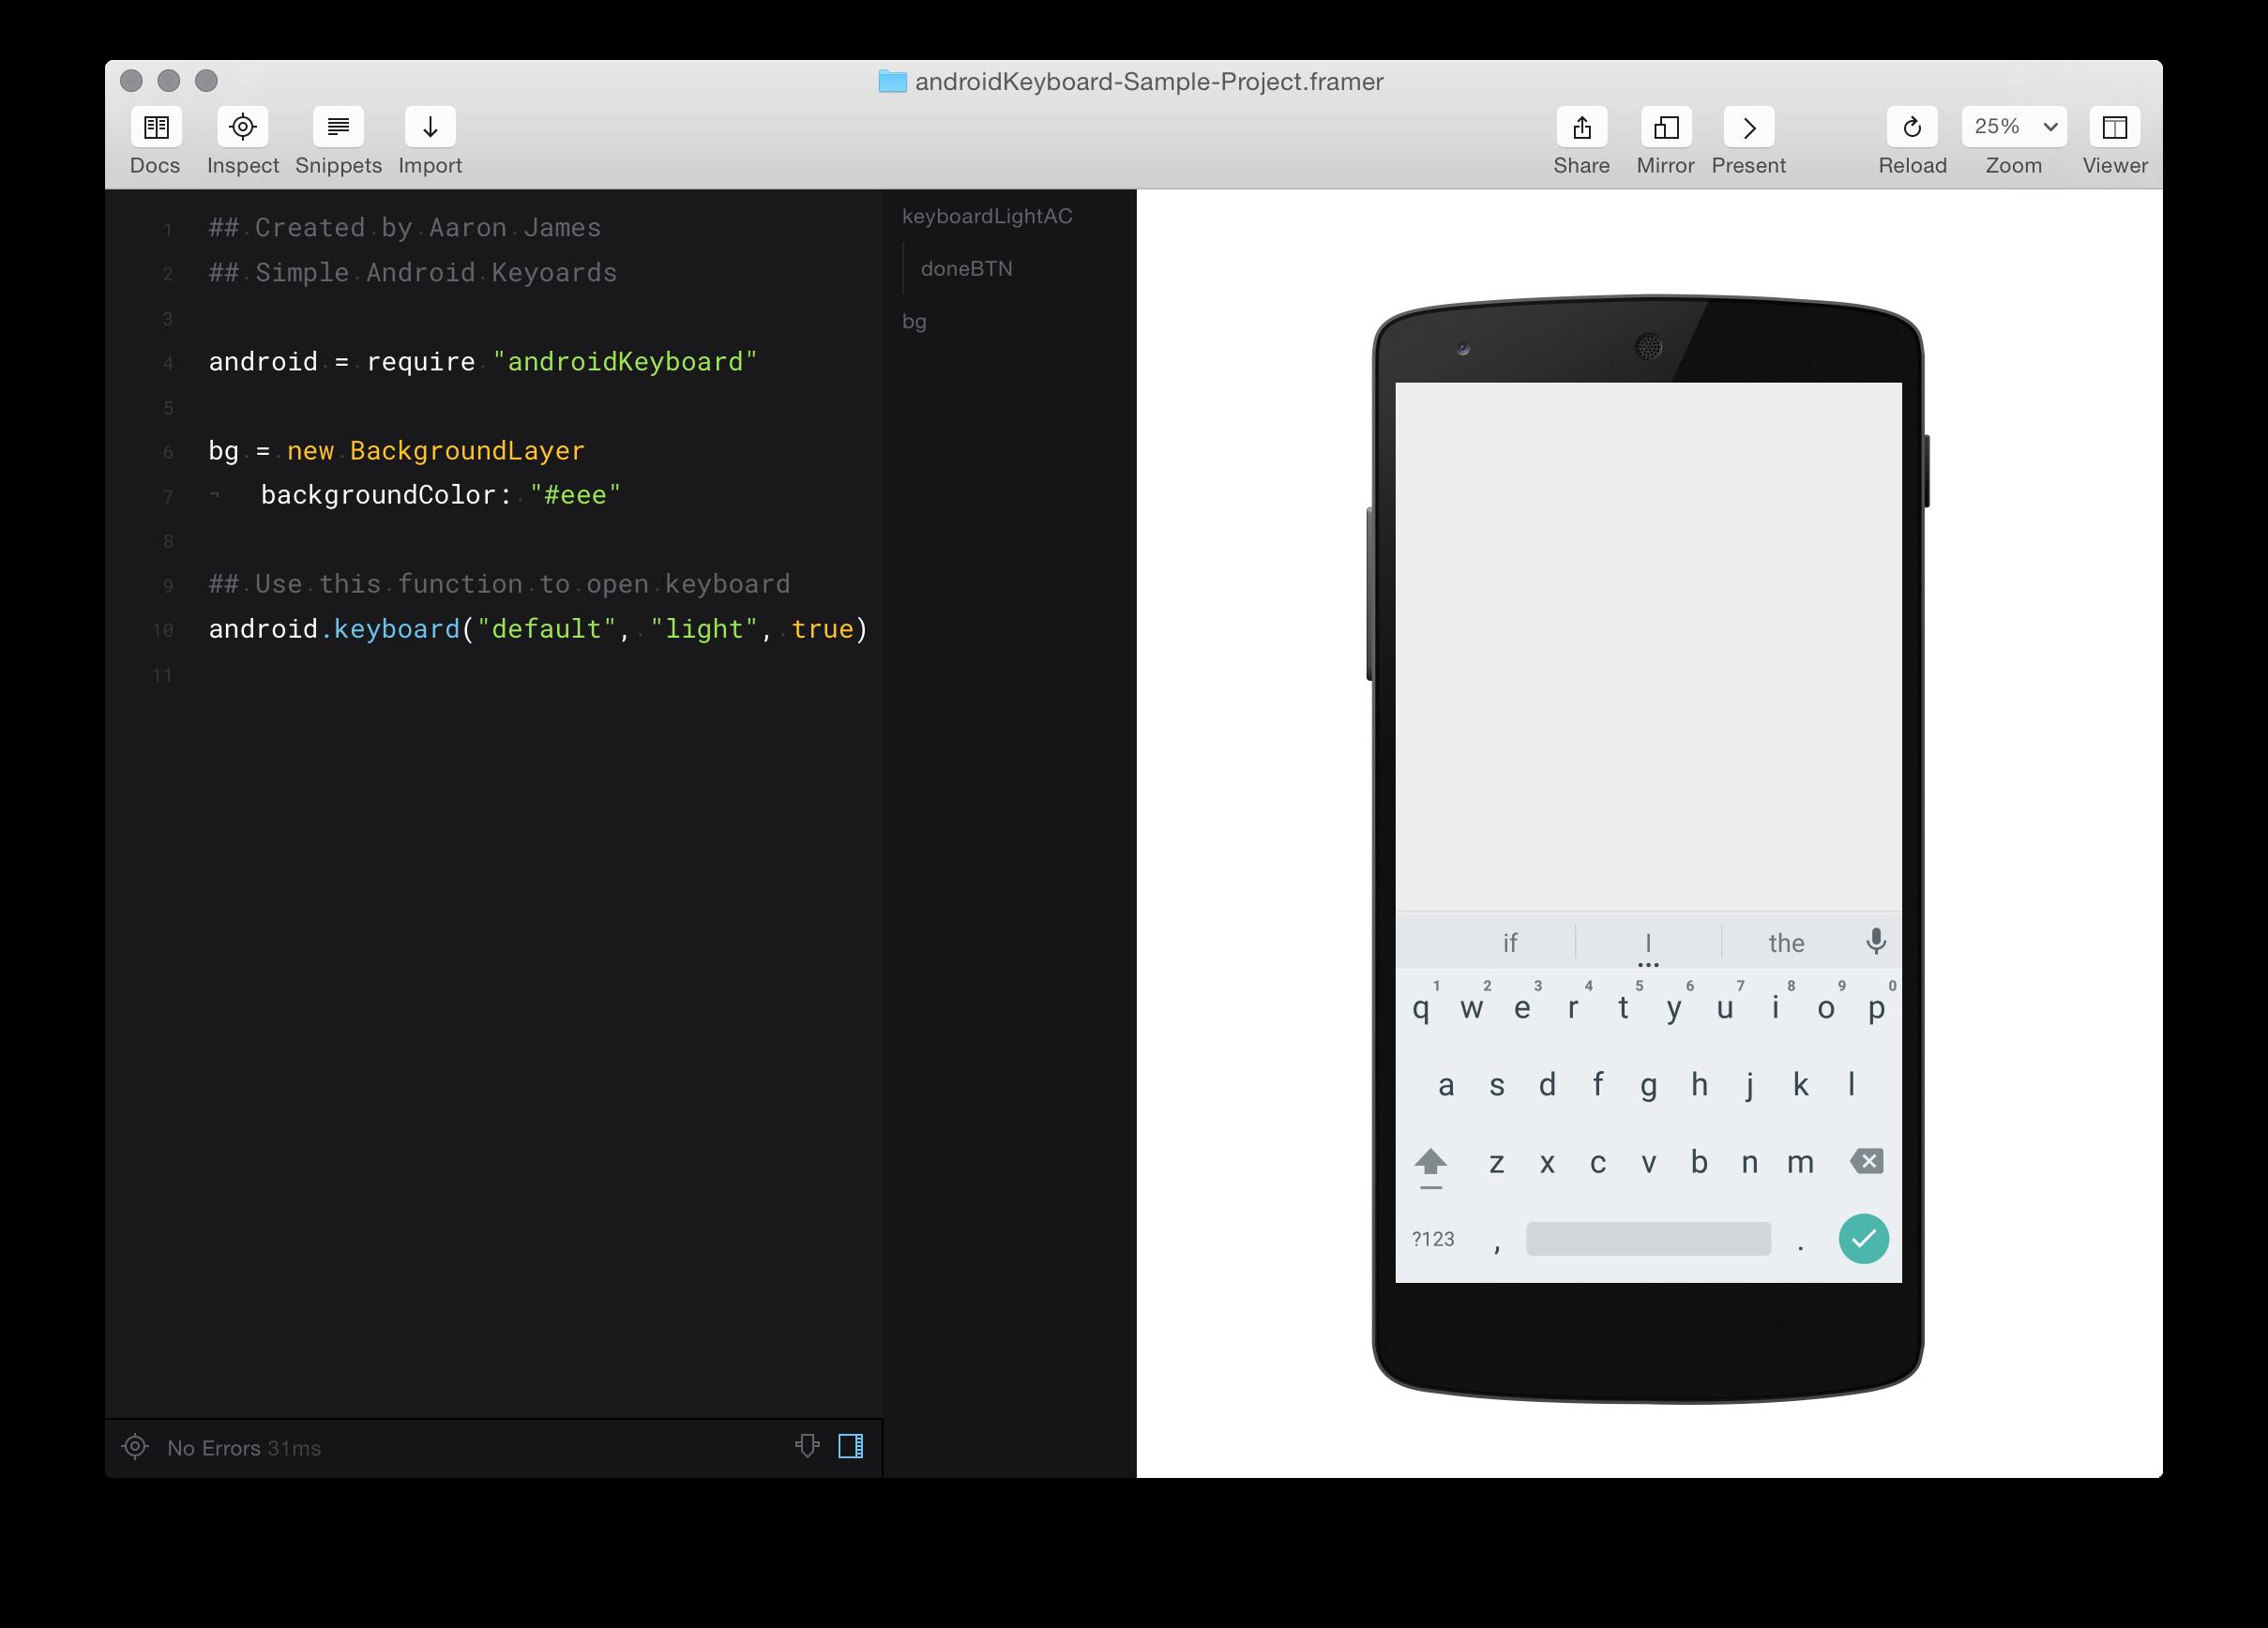 GitHub - imaaronjames/Simple-Android-Keyboards: Easily add